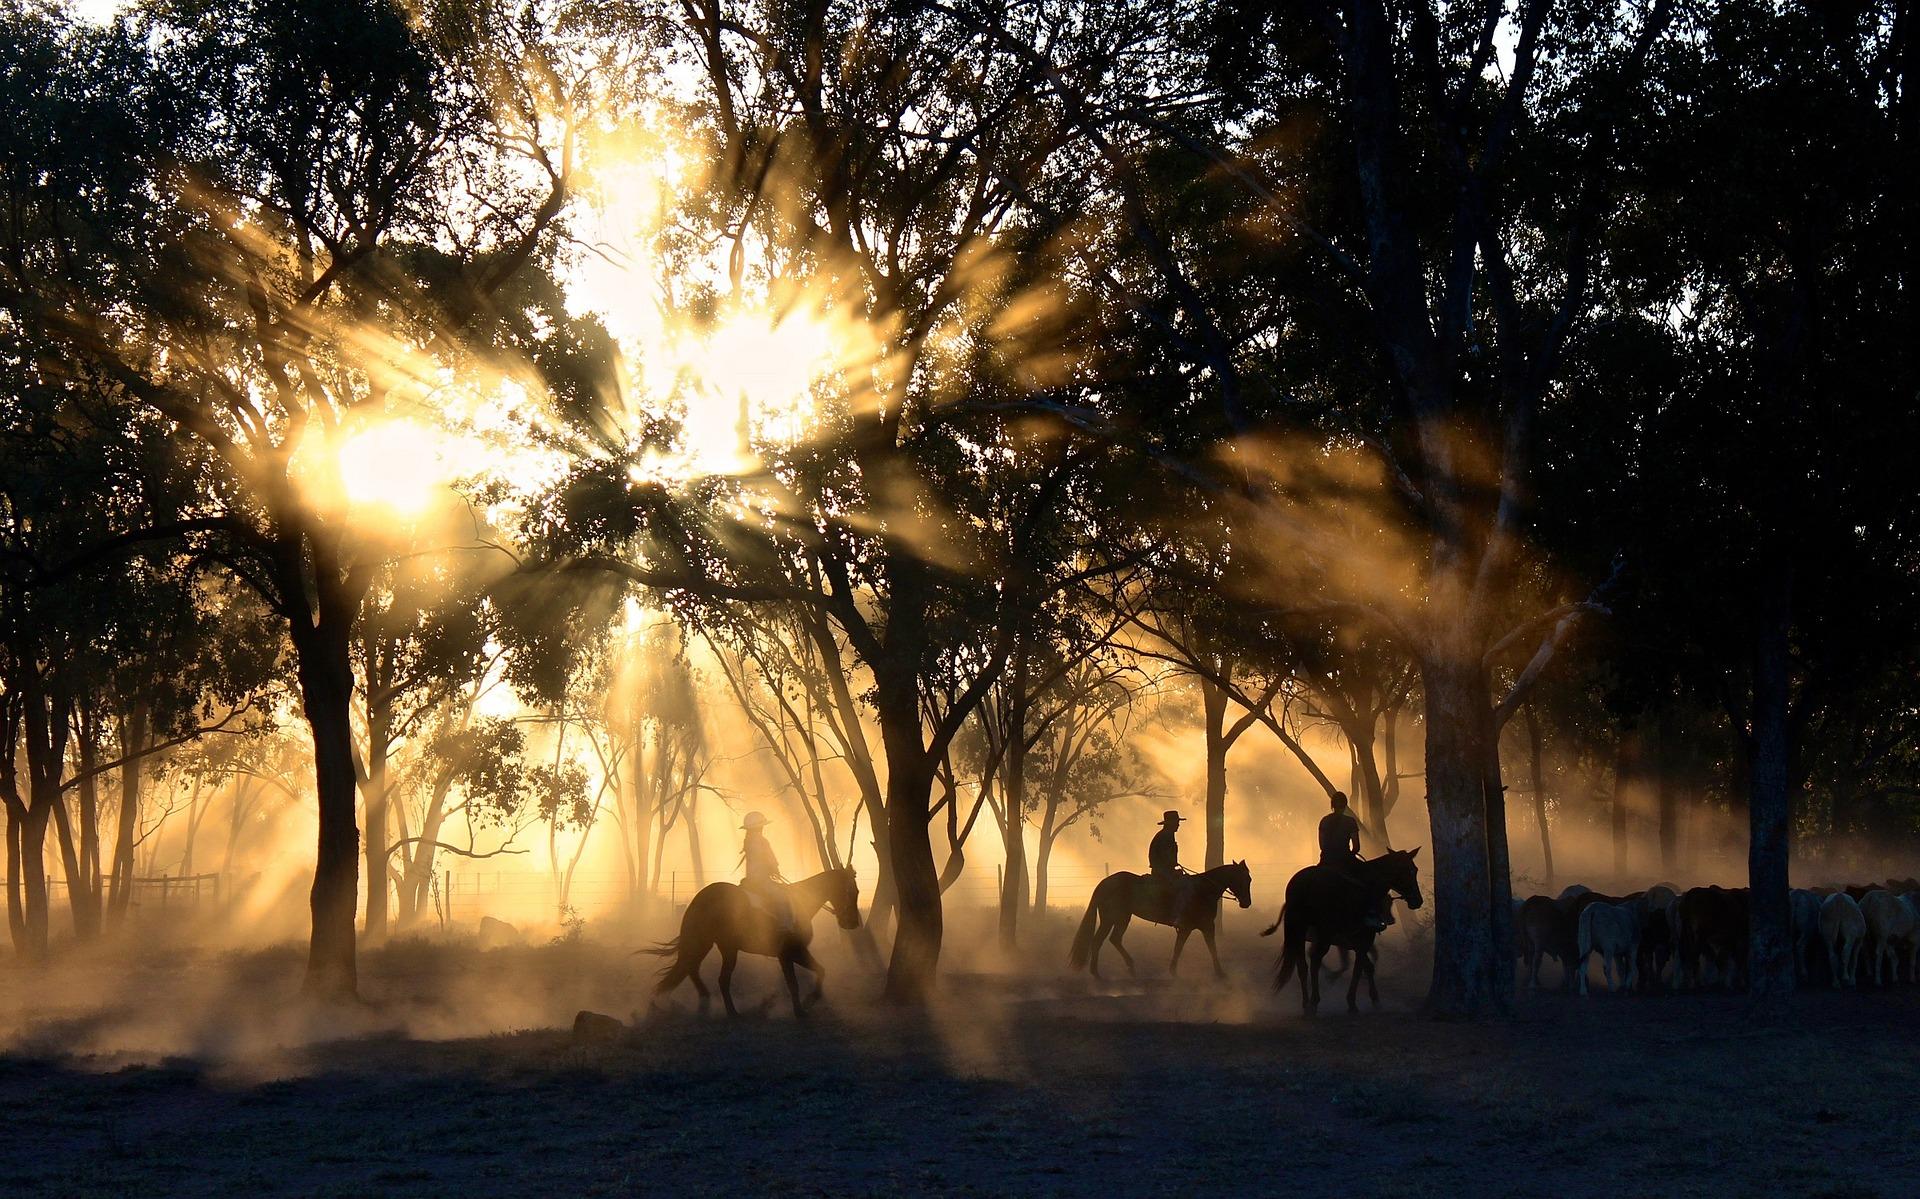 cowboys-1826527_1920.jpg